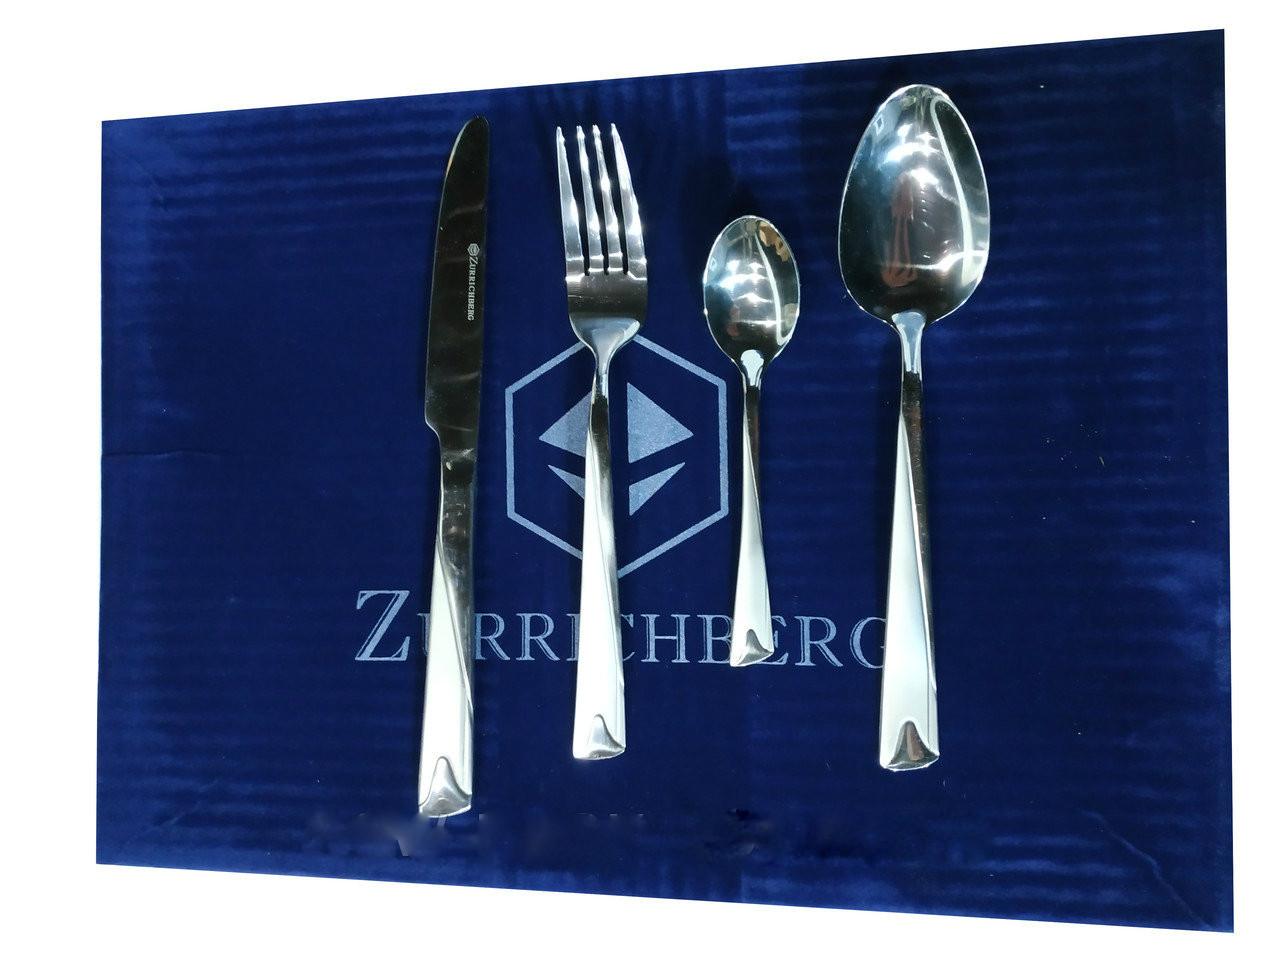 Набір столових приладів Zurrichberg ZBP 7055 якісний набір фраже відмінний подарунок